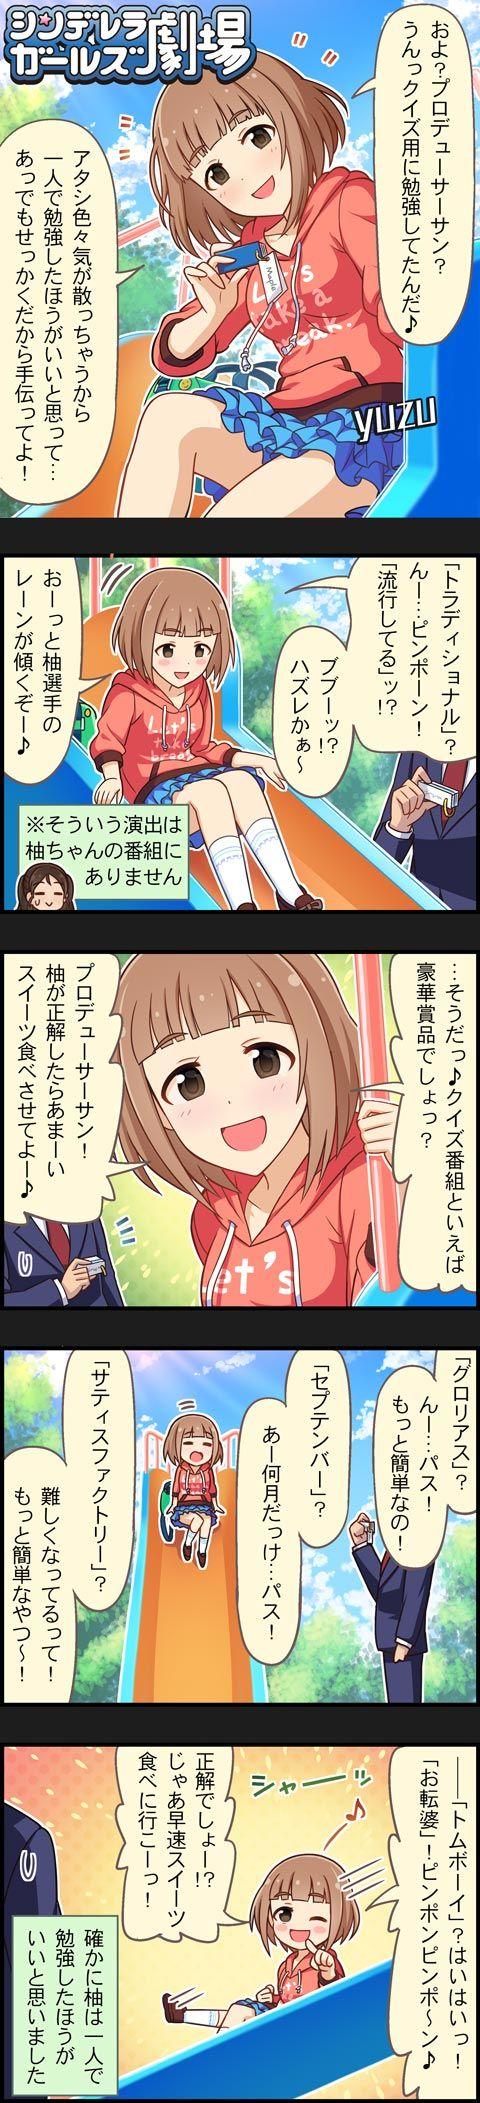 【第771話】問題出してっ!